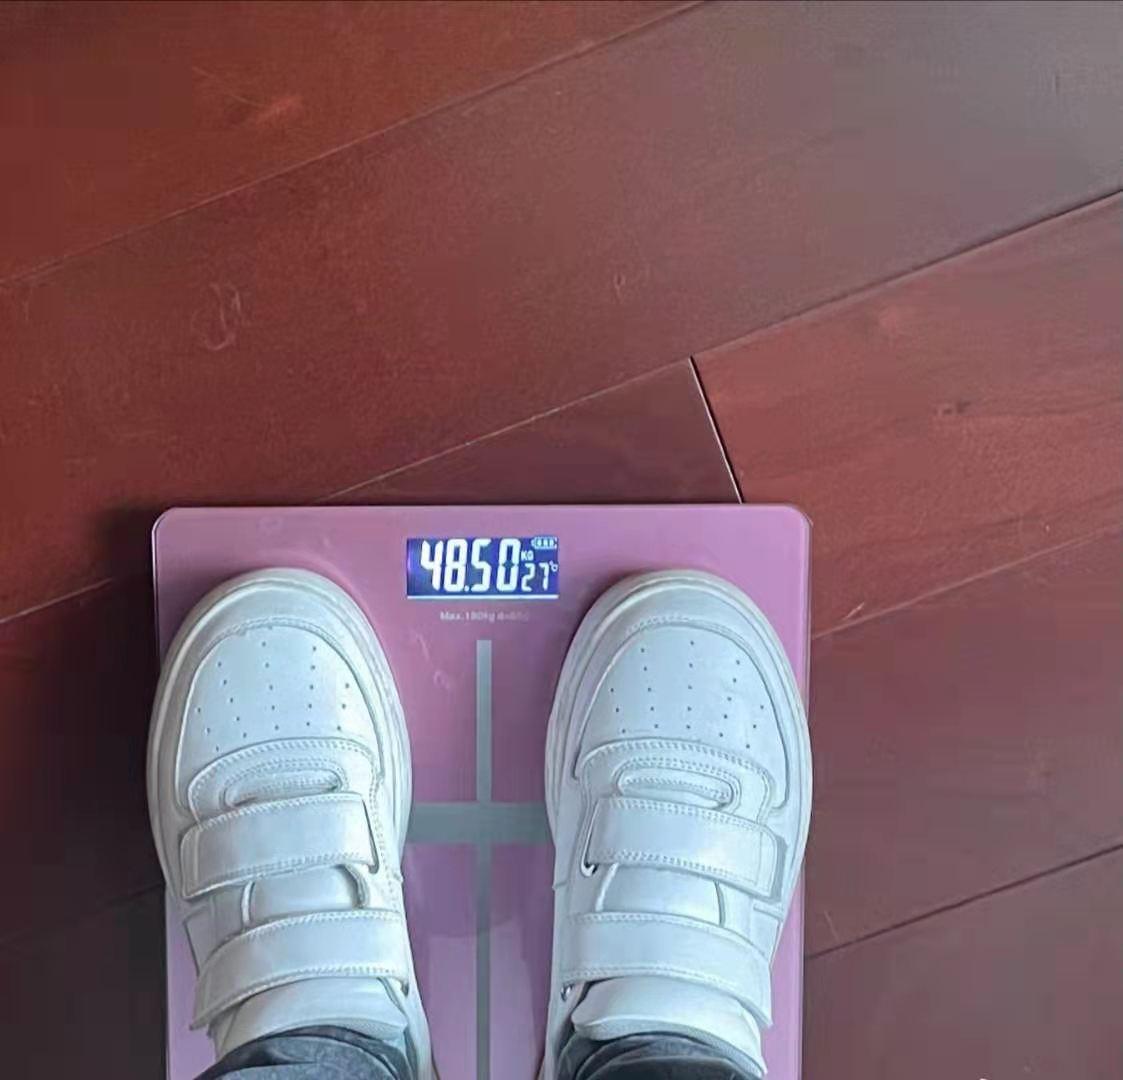 大嫂徐冬冬晒减肥照,体重97斤瘦了好多,身材丰盈真叫人嫉妒